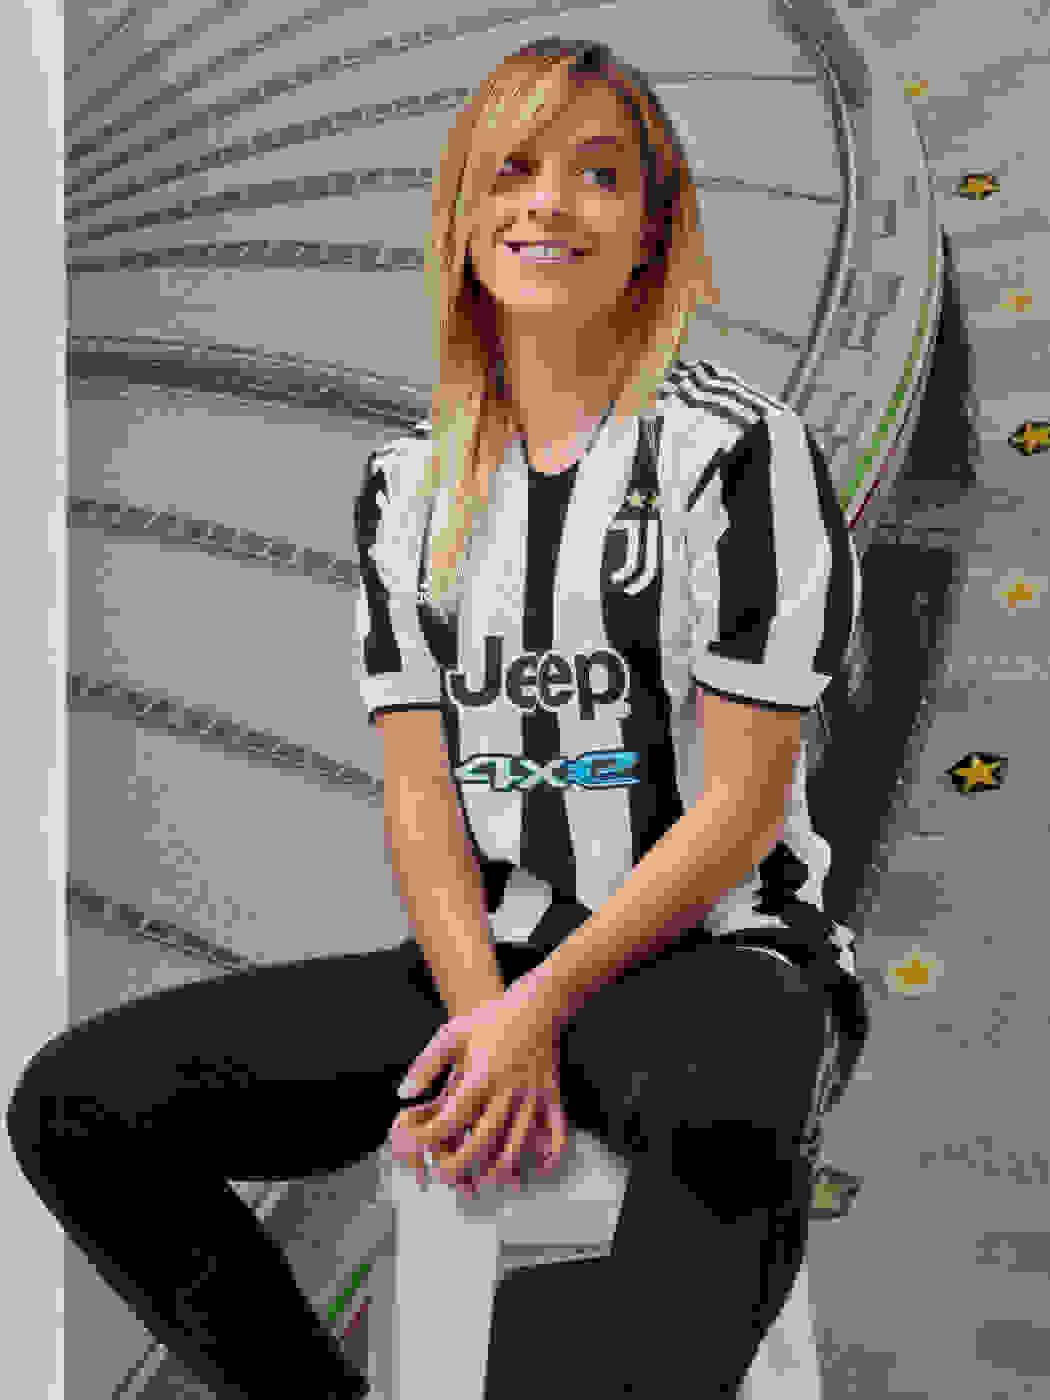 Female Player wearing Juventus Home Jersey